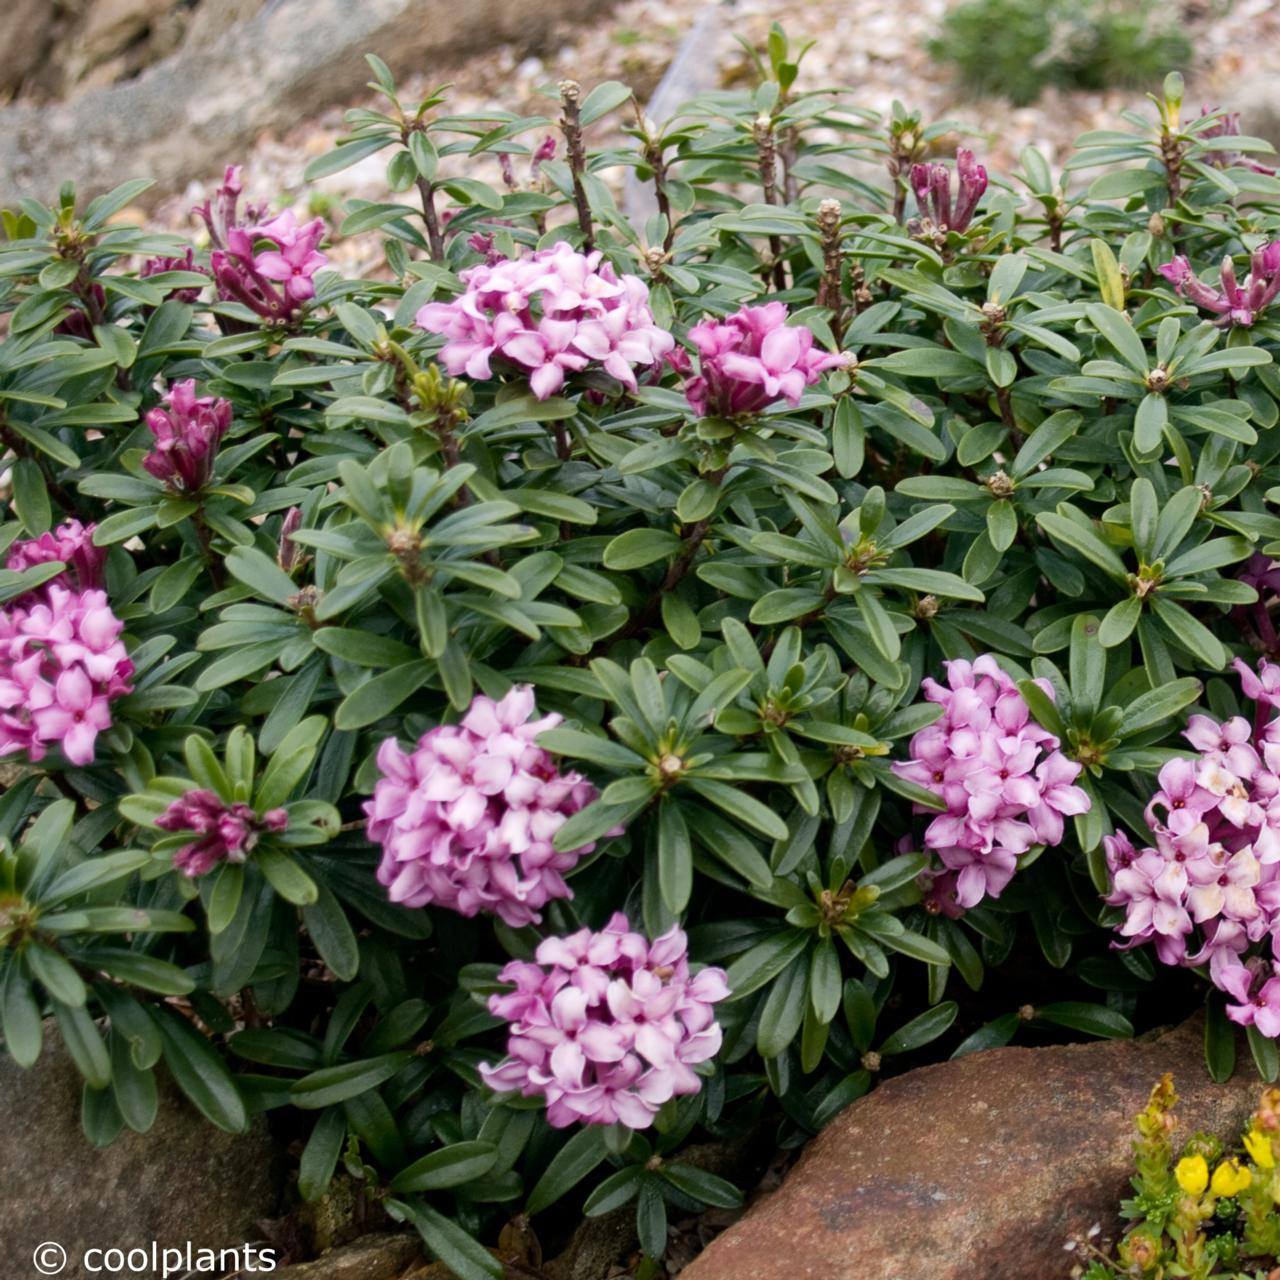 Daphne x  rollsdorfii 'Wilhelm Schacht' plant